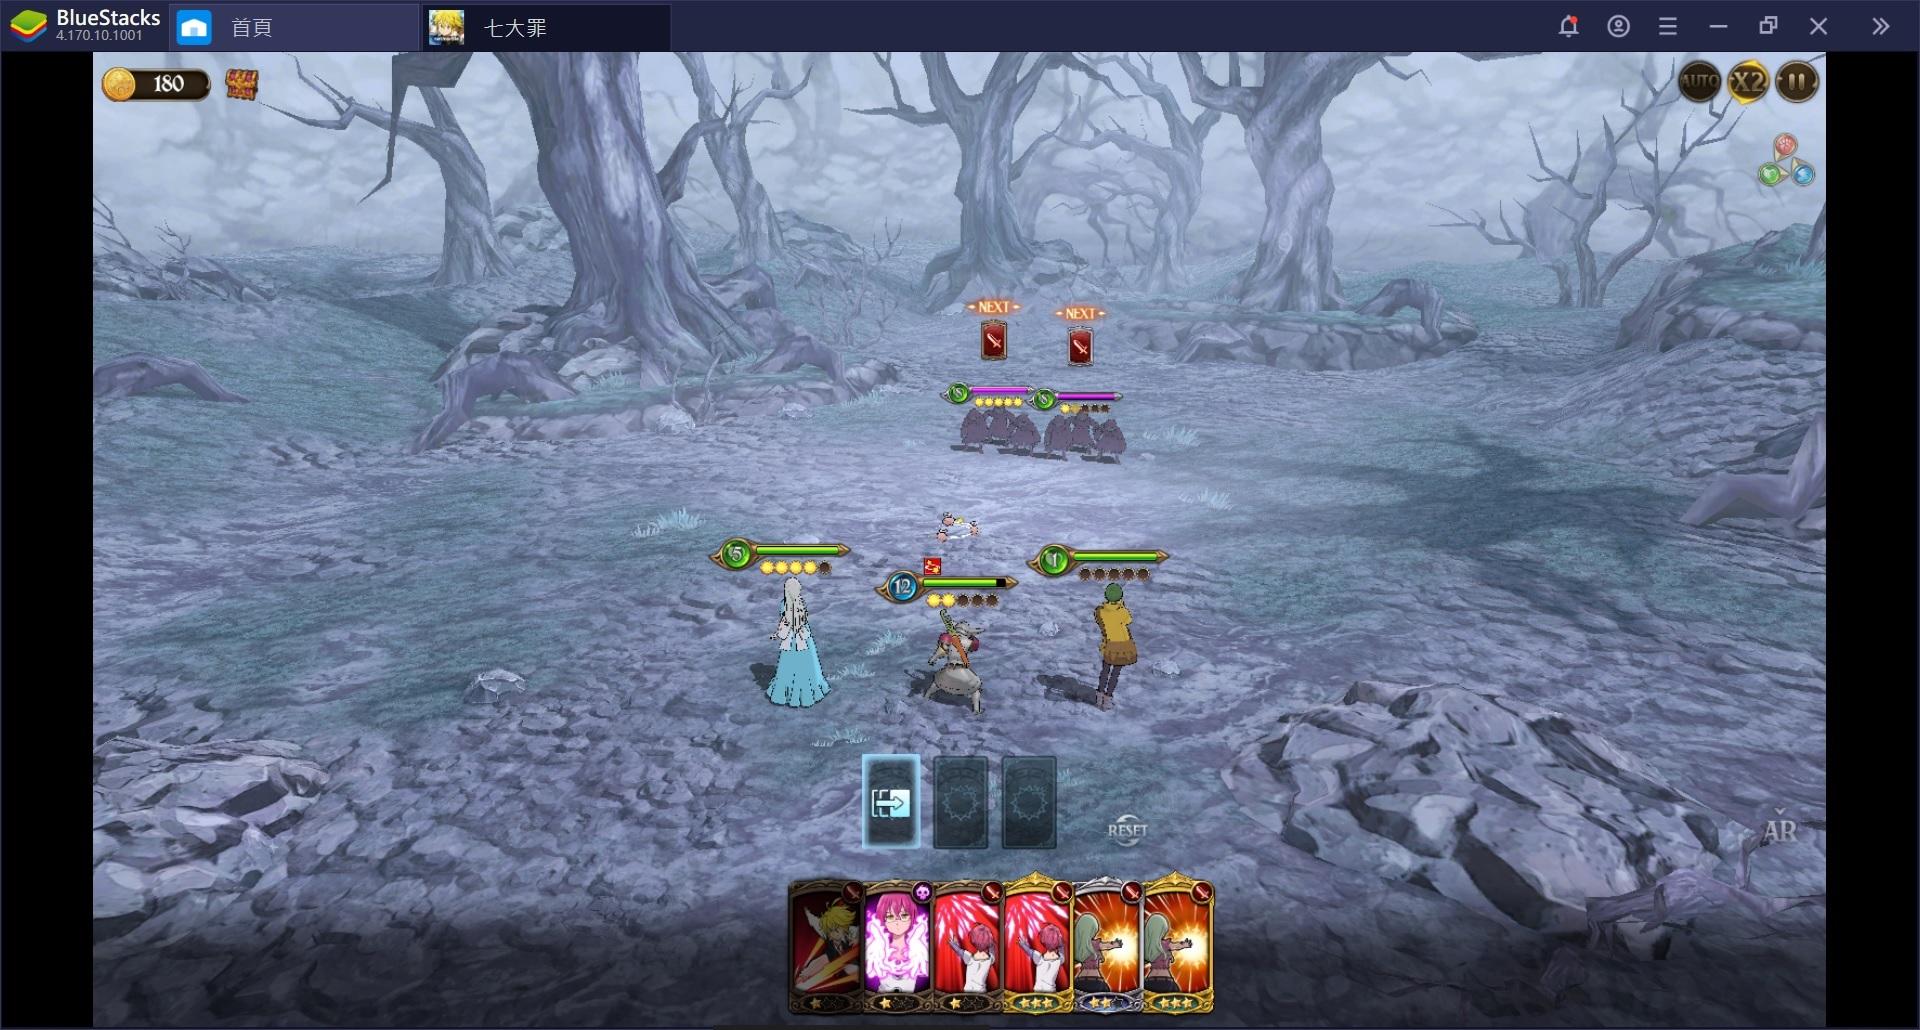 使用BlueStacks在電腦上體驗冒險 RPG 手機遊戲巨作《七大罪:光與暗之交戰》